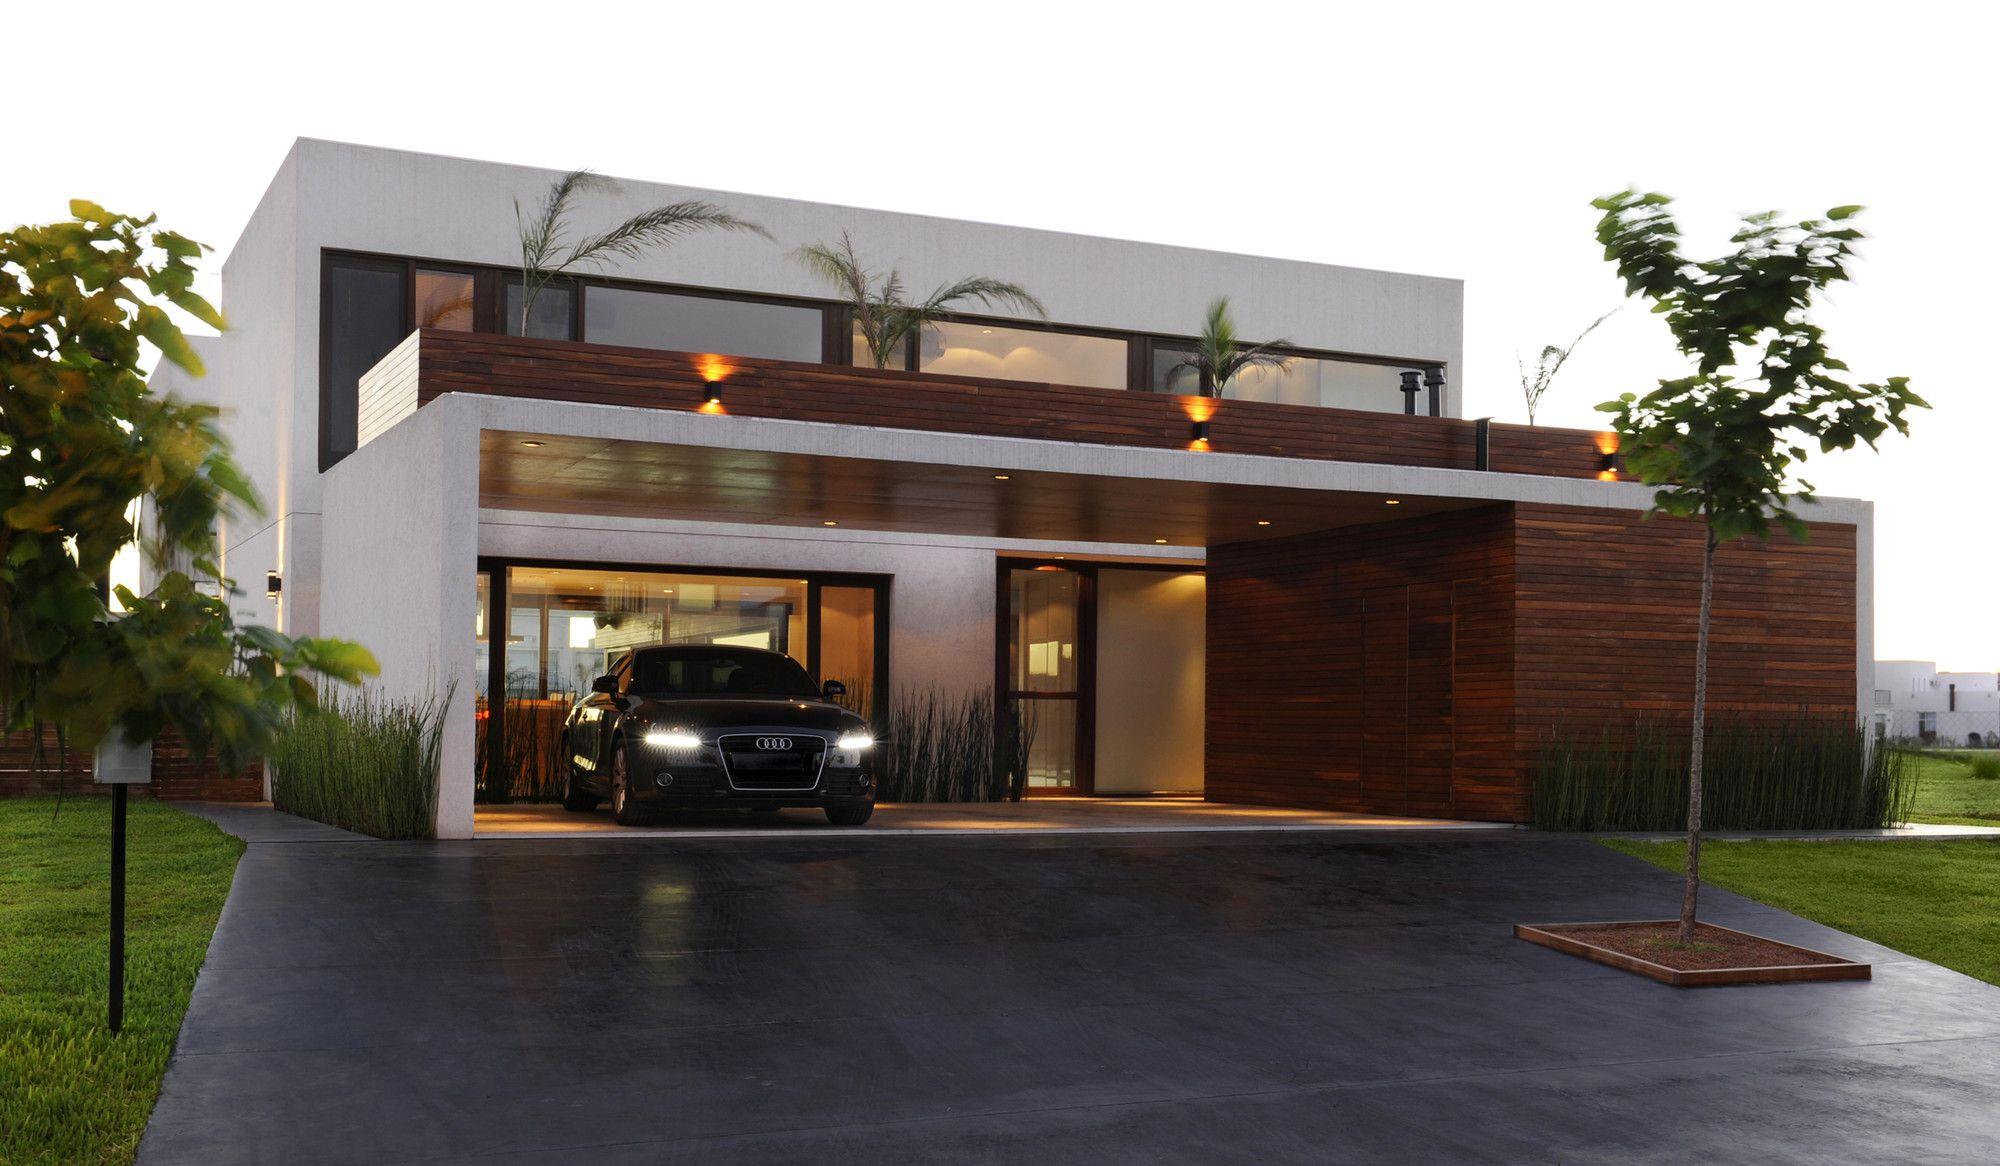 Imagen 1 de 17 de la galería de Casa Ef / Fritz + Fritz Arquitectos. Fotografía de Quiroga Carrafa